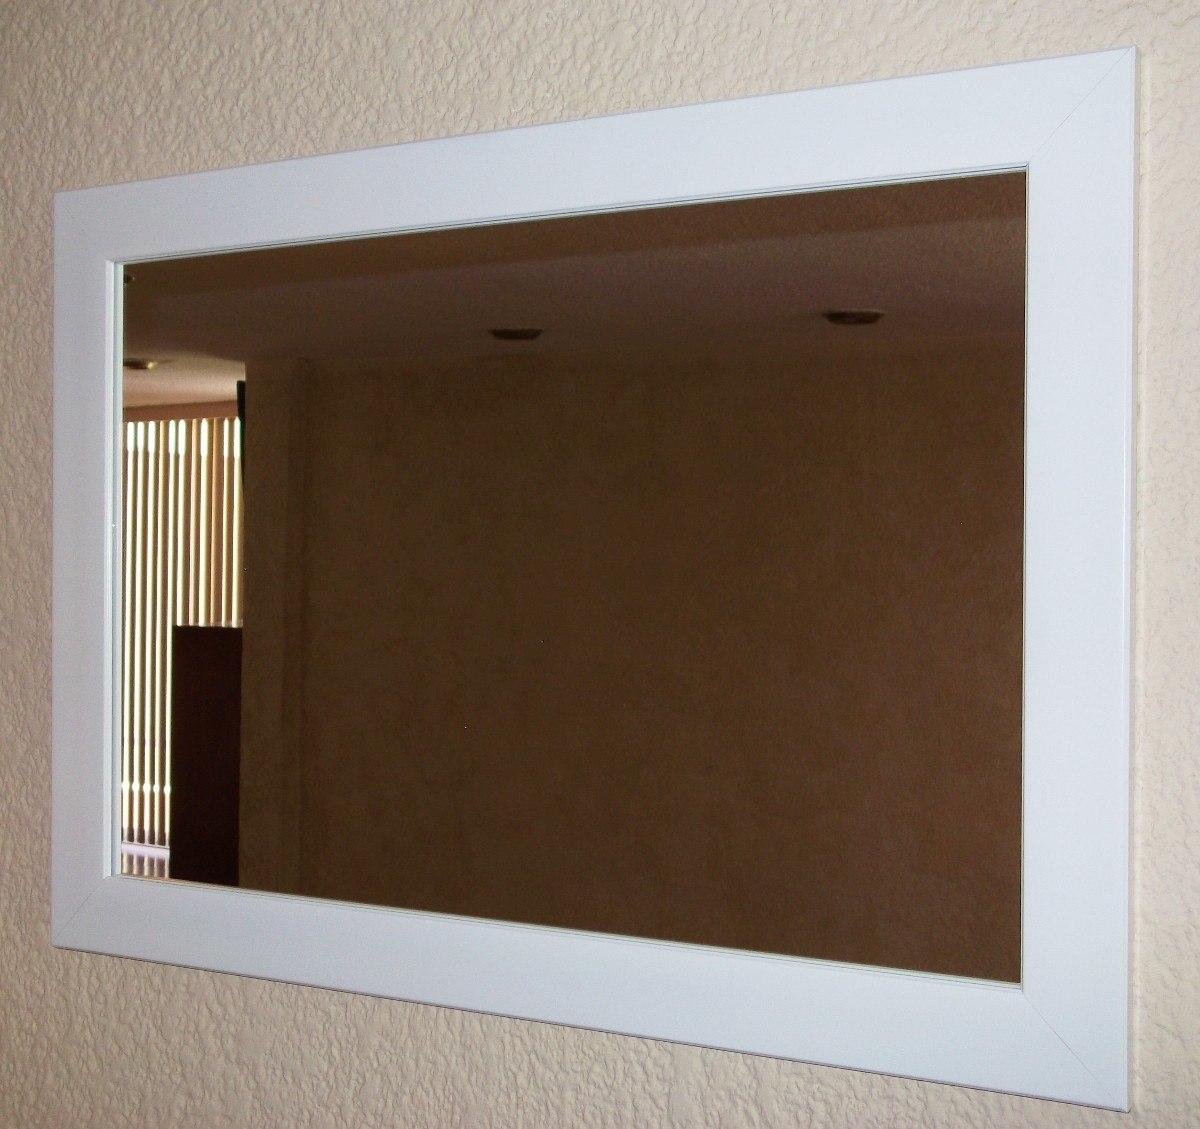 Espejo 70 x 50 cm espejo varios colores con marco 250 - Espejo marco espejo ...